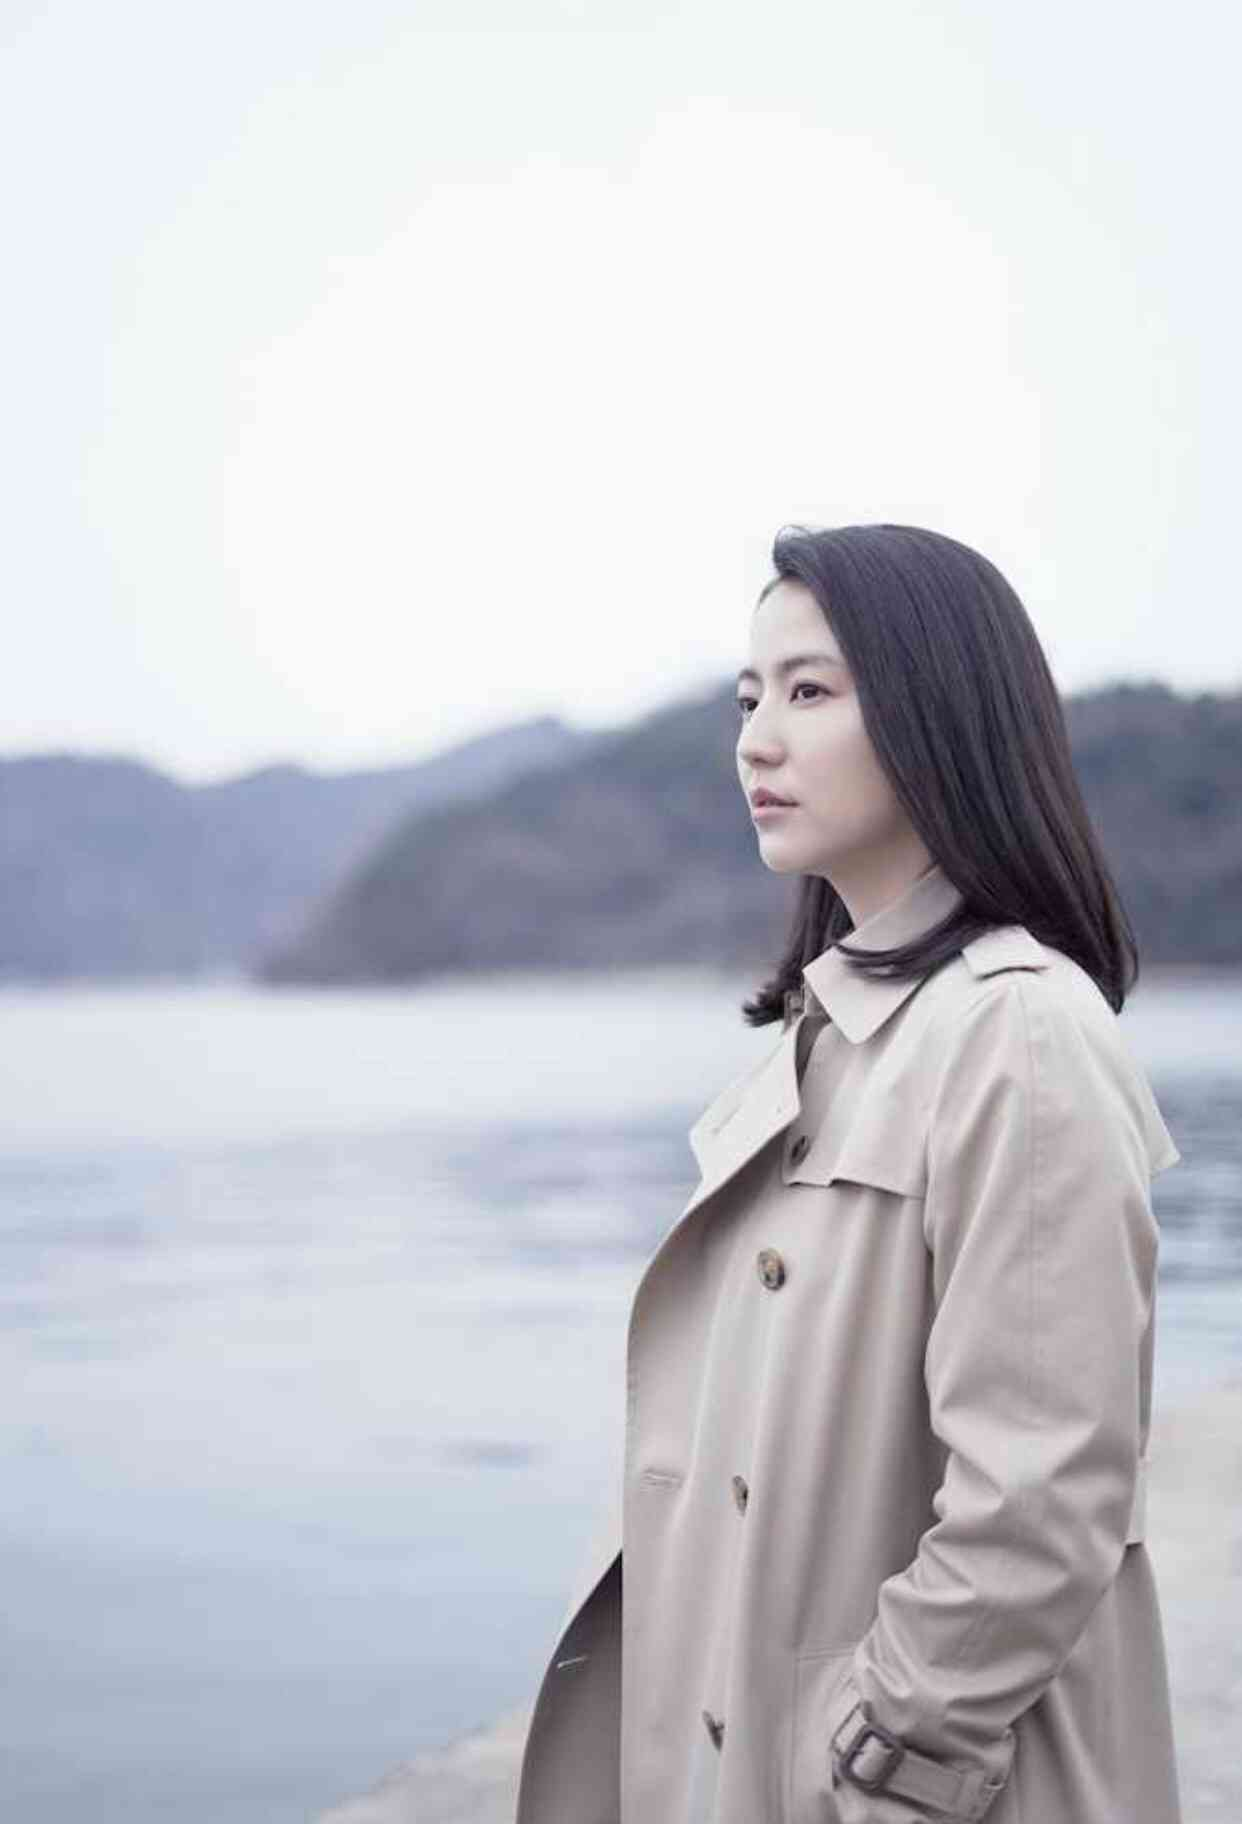 """長澤まさみ×高橋一生""""偽りの恋人"""" 来年公開「嘘を愛する女」"""